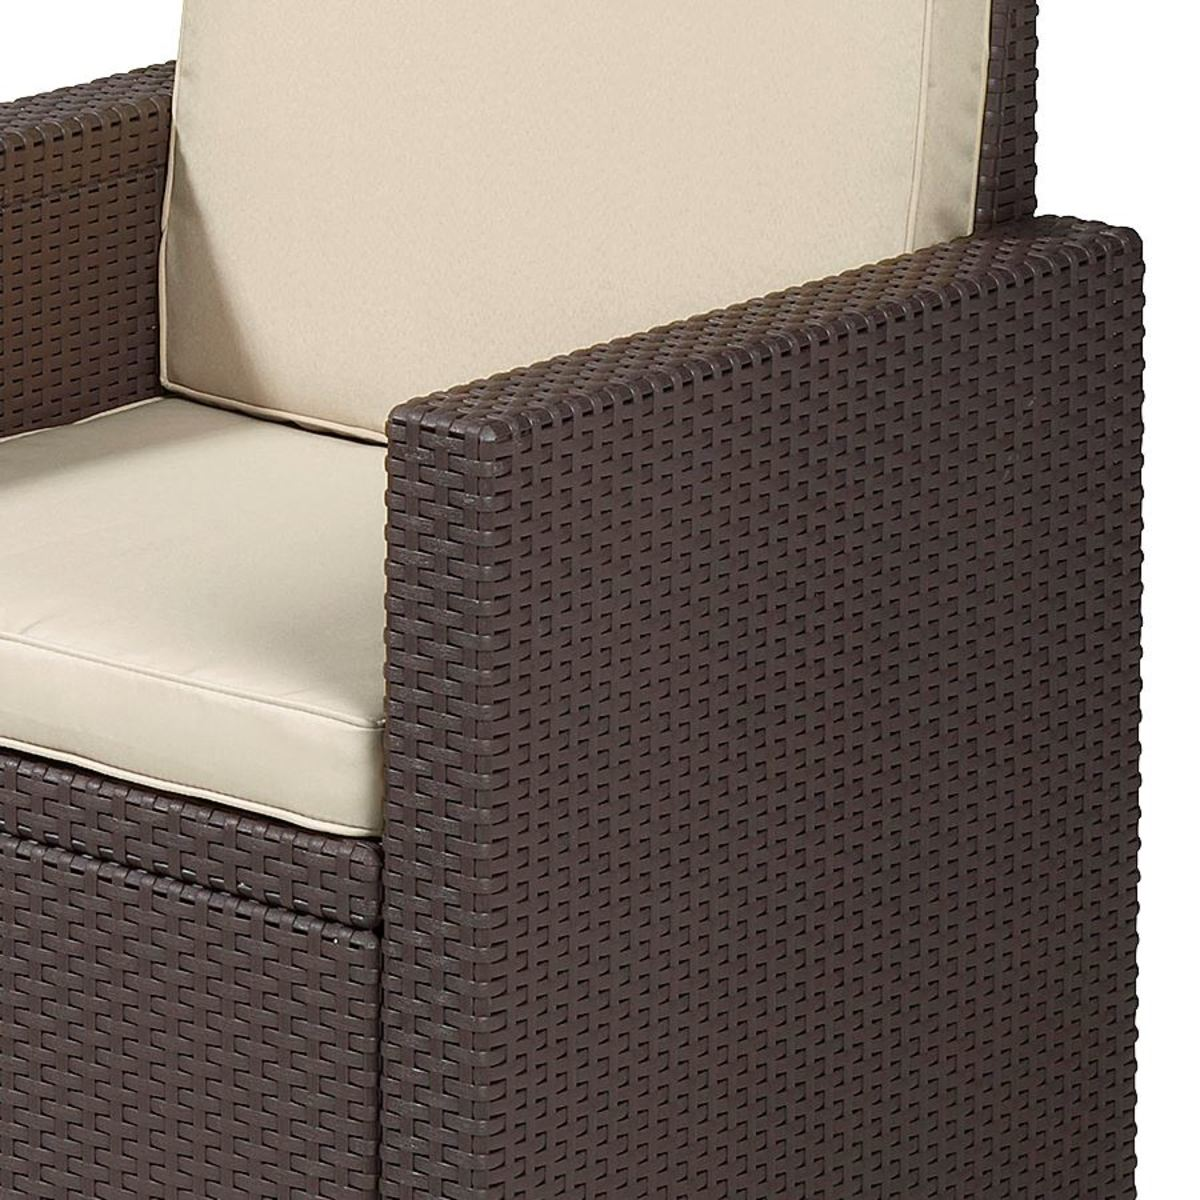 Bild 3 von Allibert Lounge-Sitzgruppe Victoria Braun mit Auflagenset